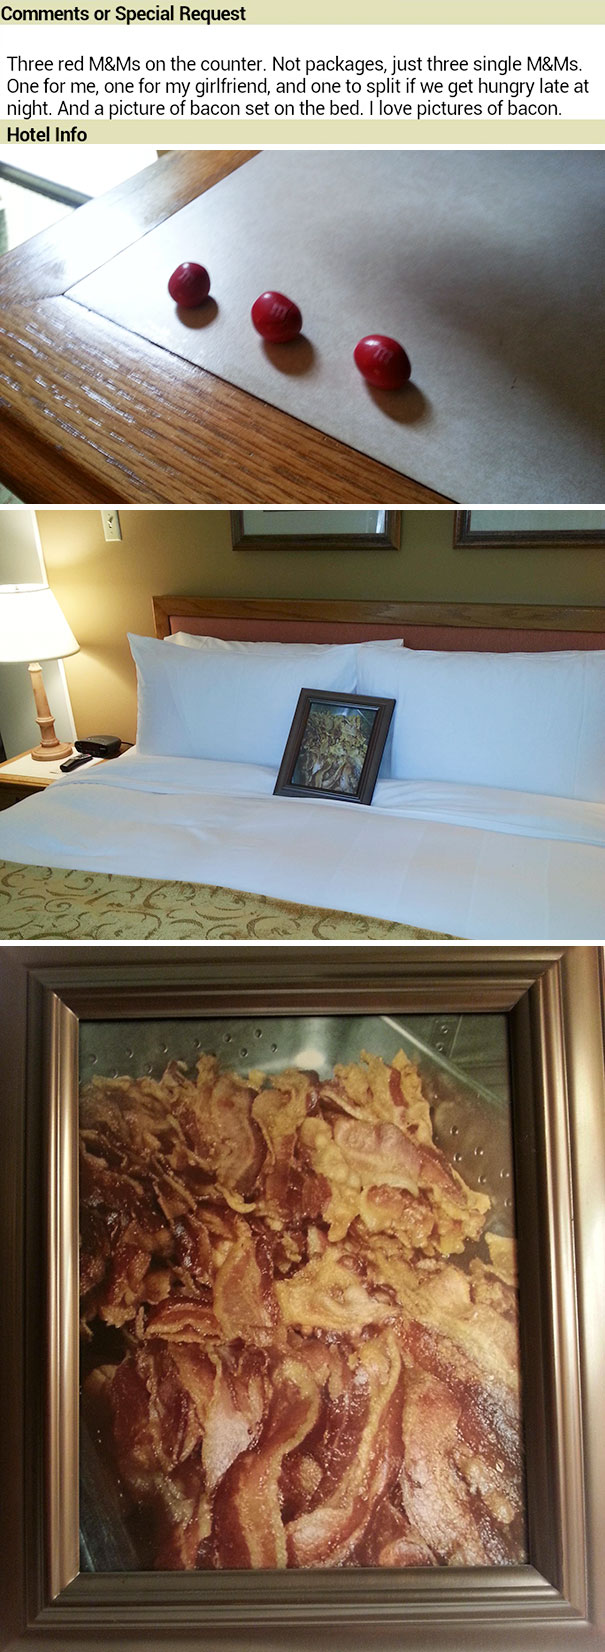 В этом отеле уделяют внимание даже самым мелким пожеланиям клиентов. Просьба гласит: «Три красных ко